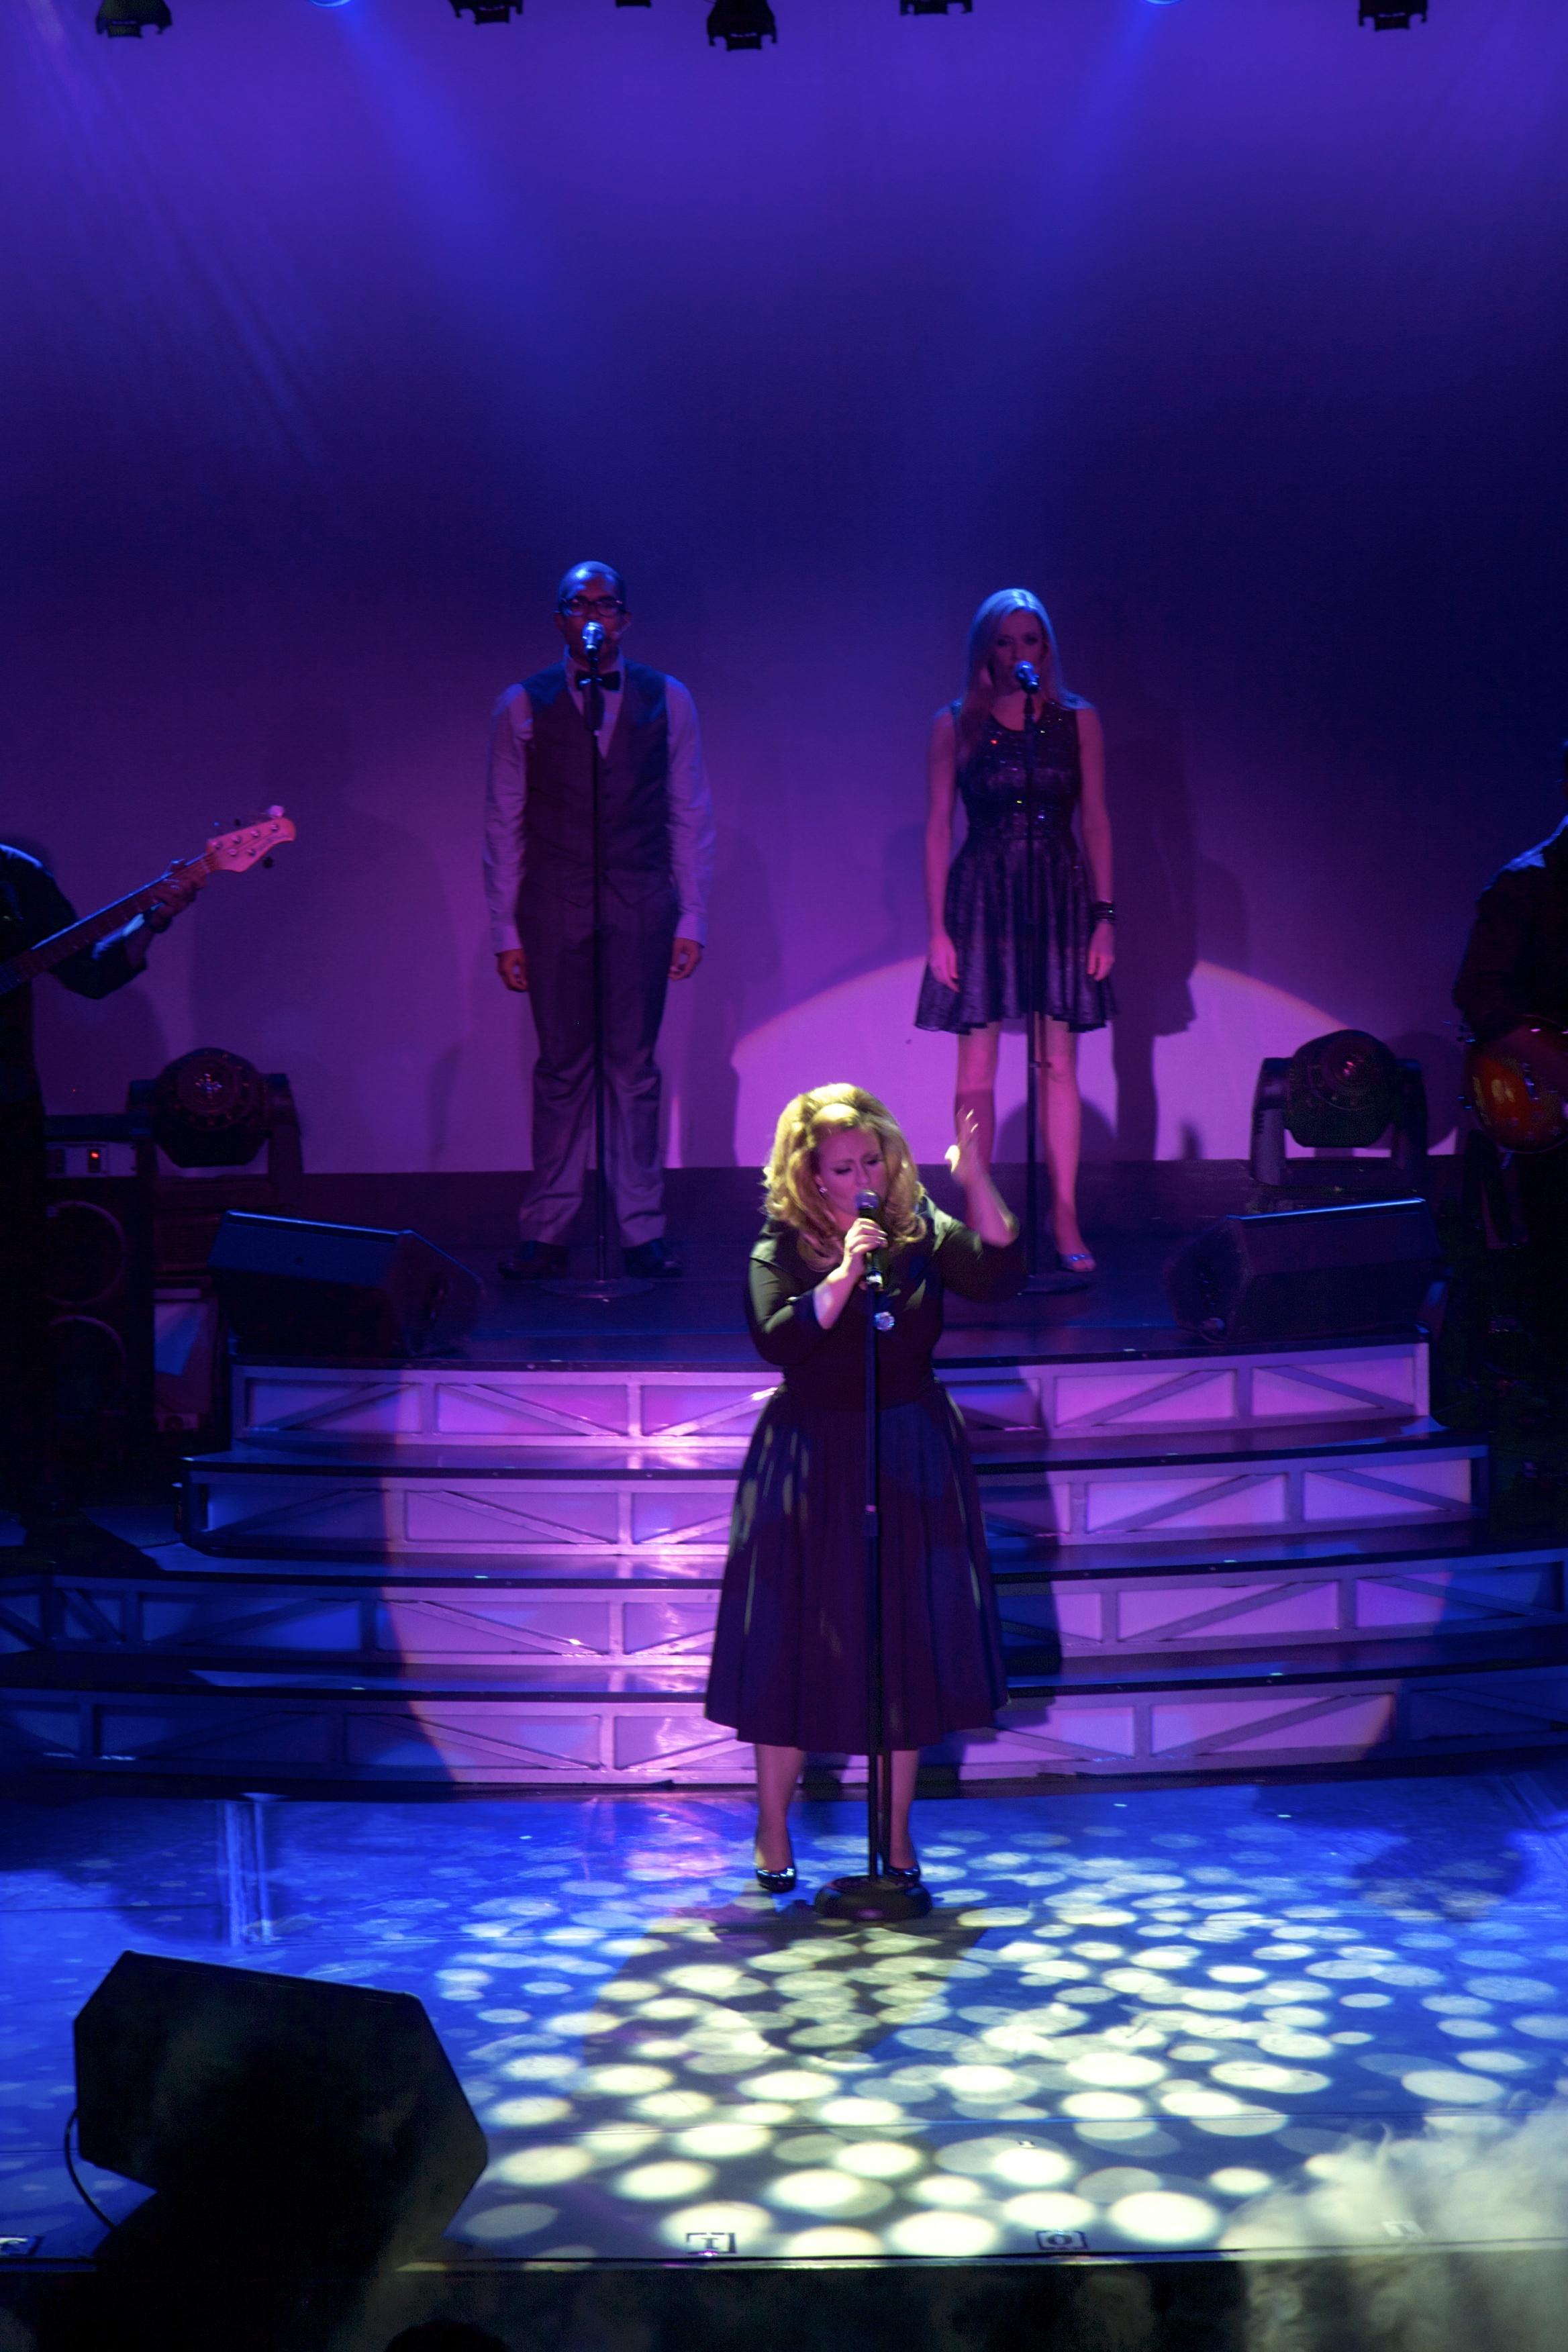 JC Brando as Adele live stage 1